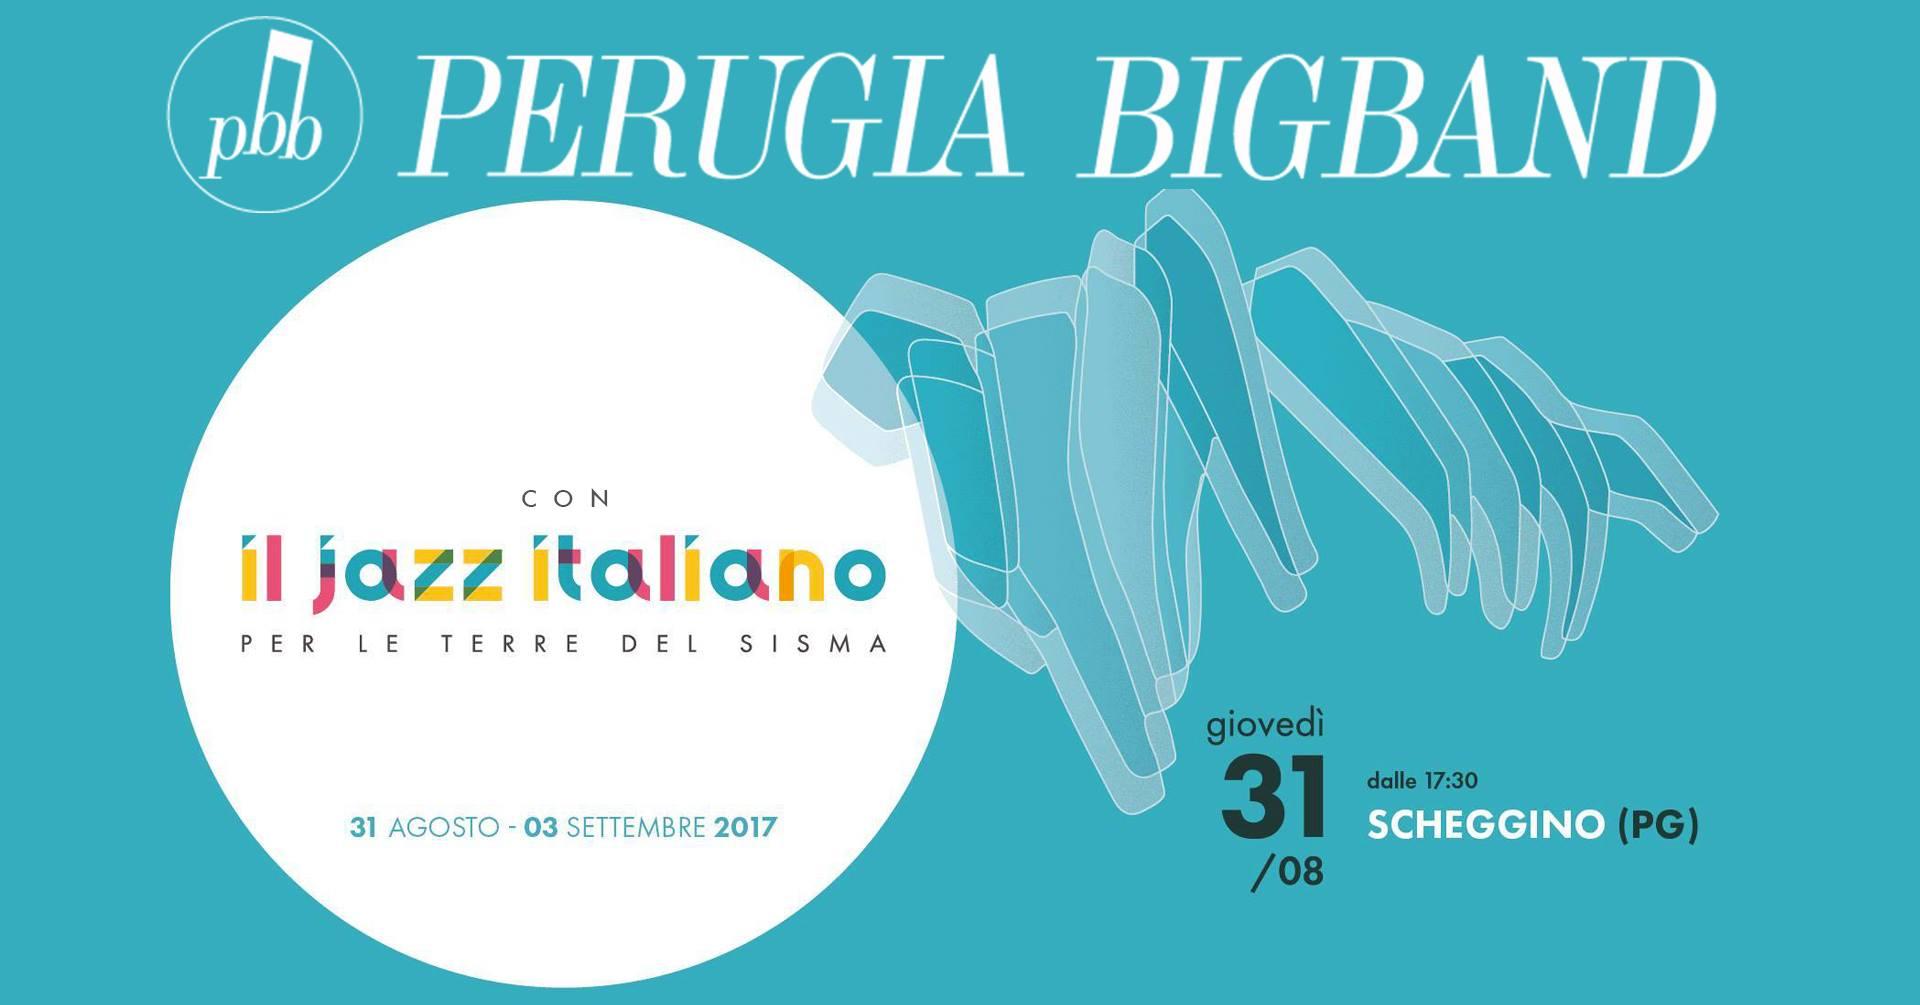 perugia-bigband-scheggino-il-jazz-italiano-per-le-terre-del-sisma